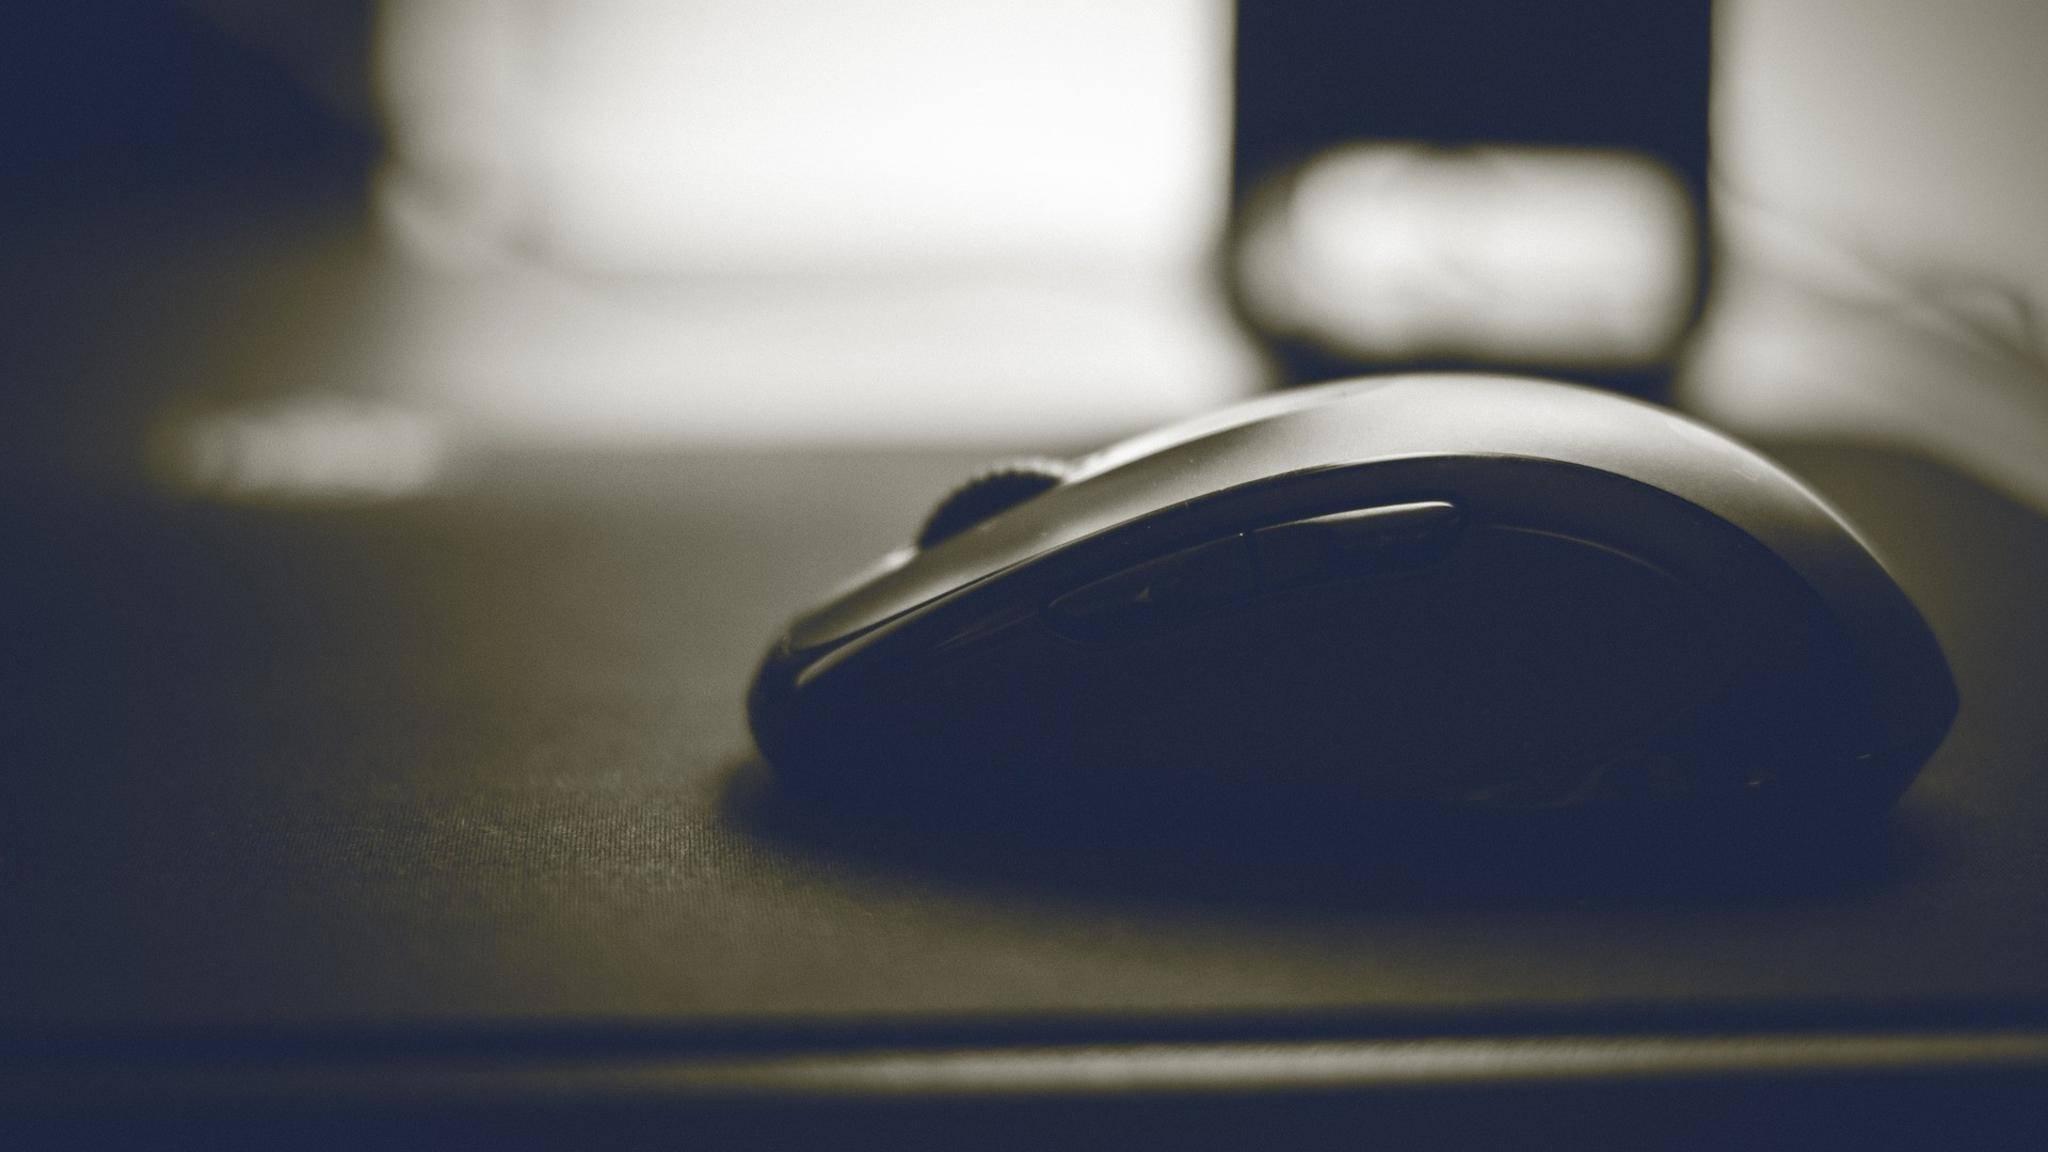 Funktioniert die Maus nicht, muss das nicht auf einen Defekt hinweisen.